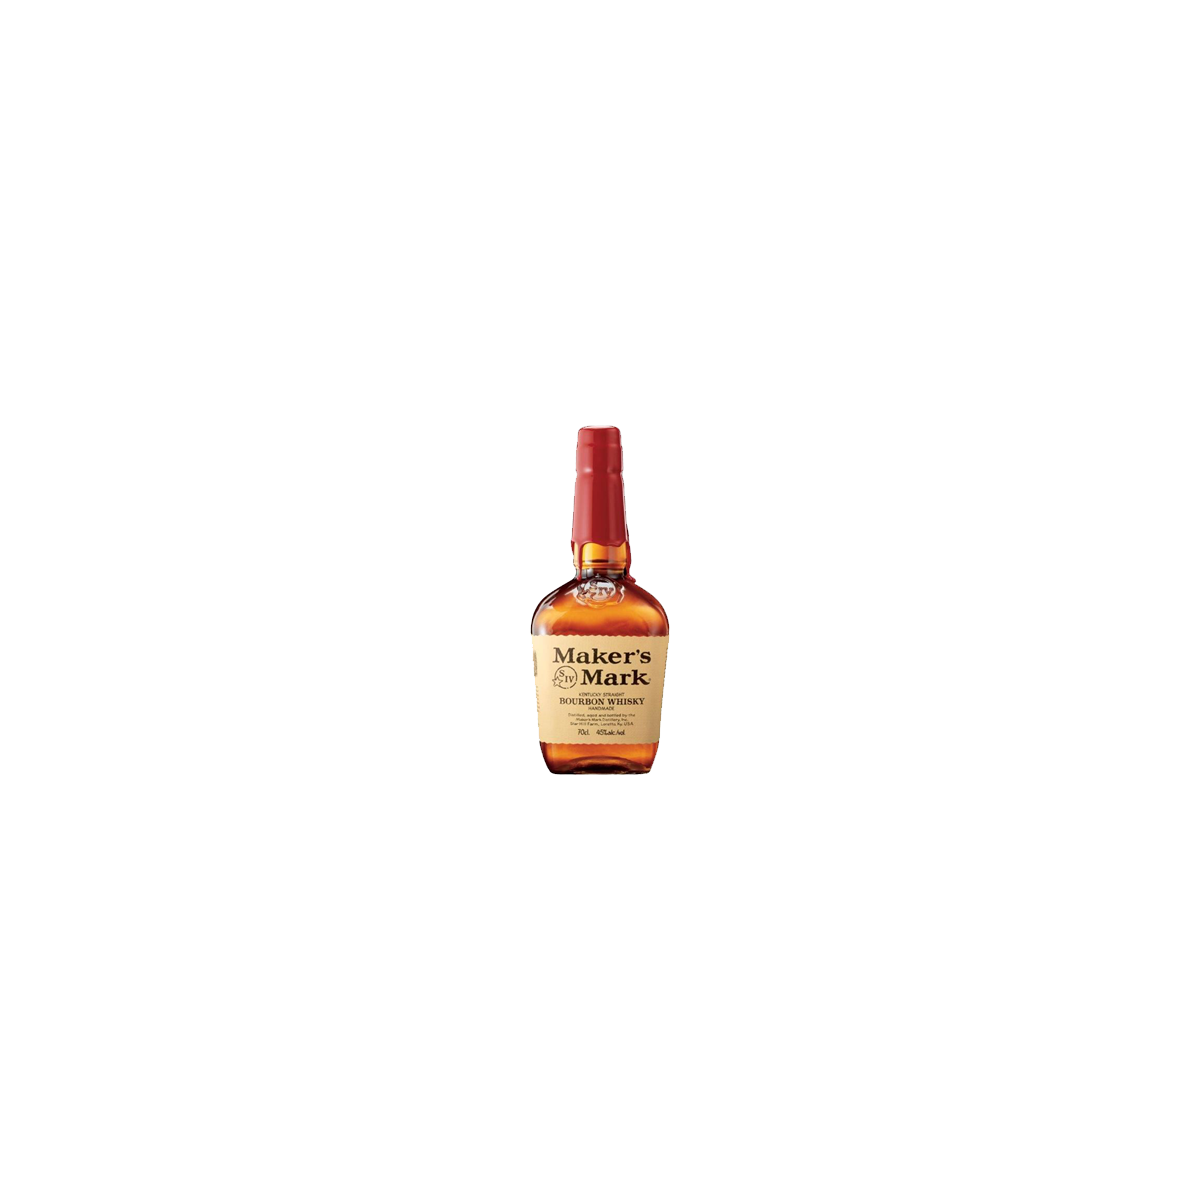 Maker's Mark Bourbon Whisky 45 %